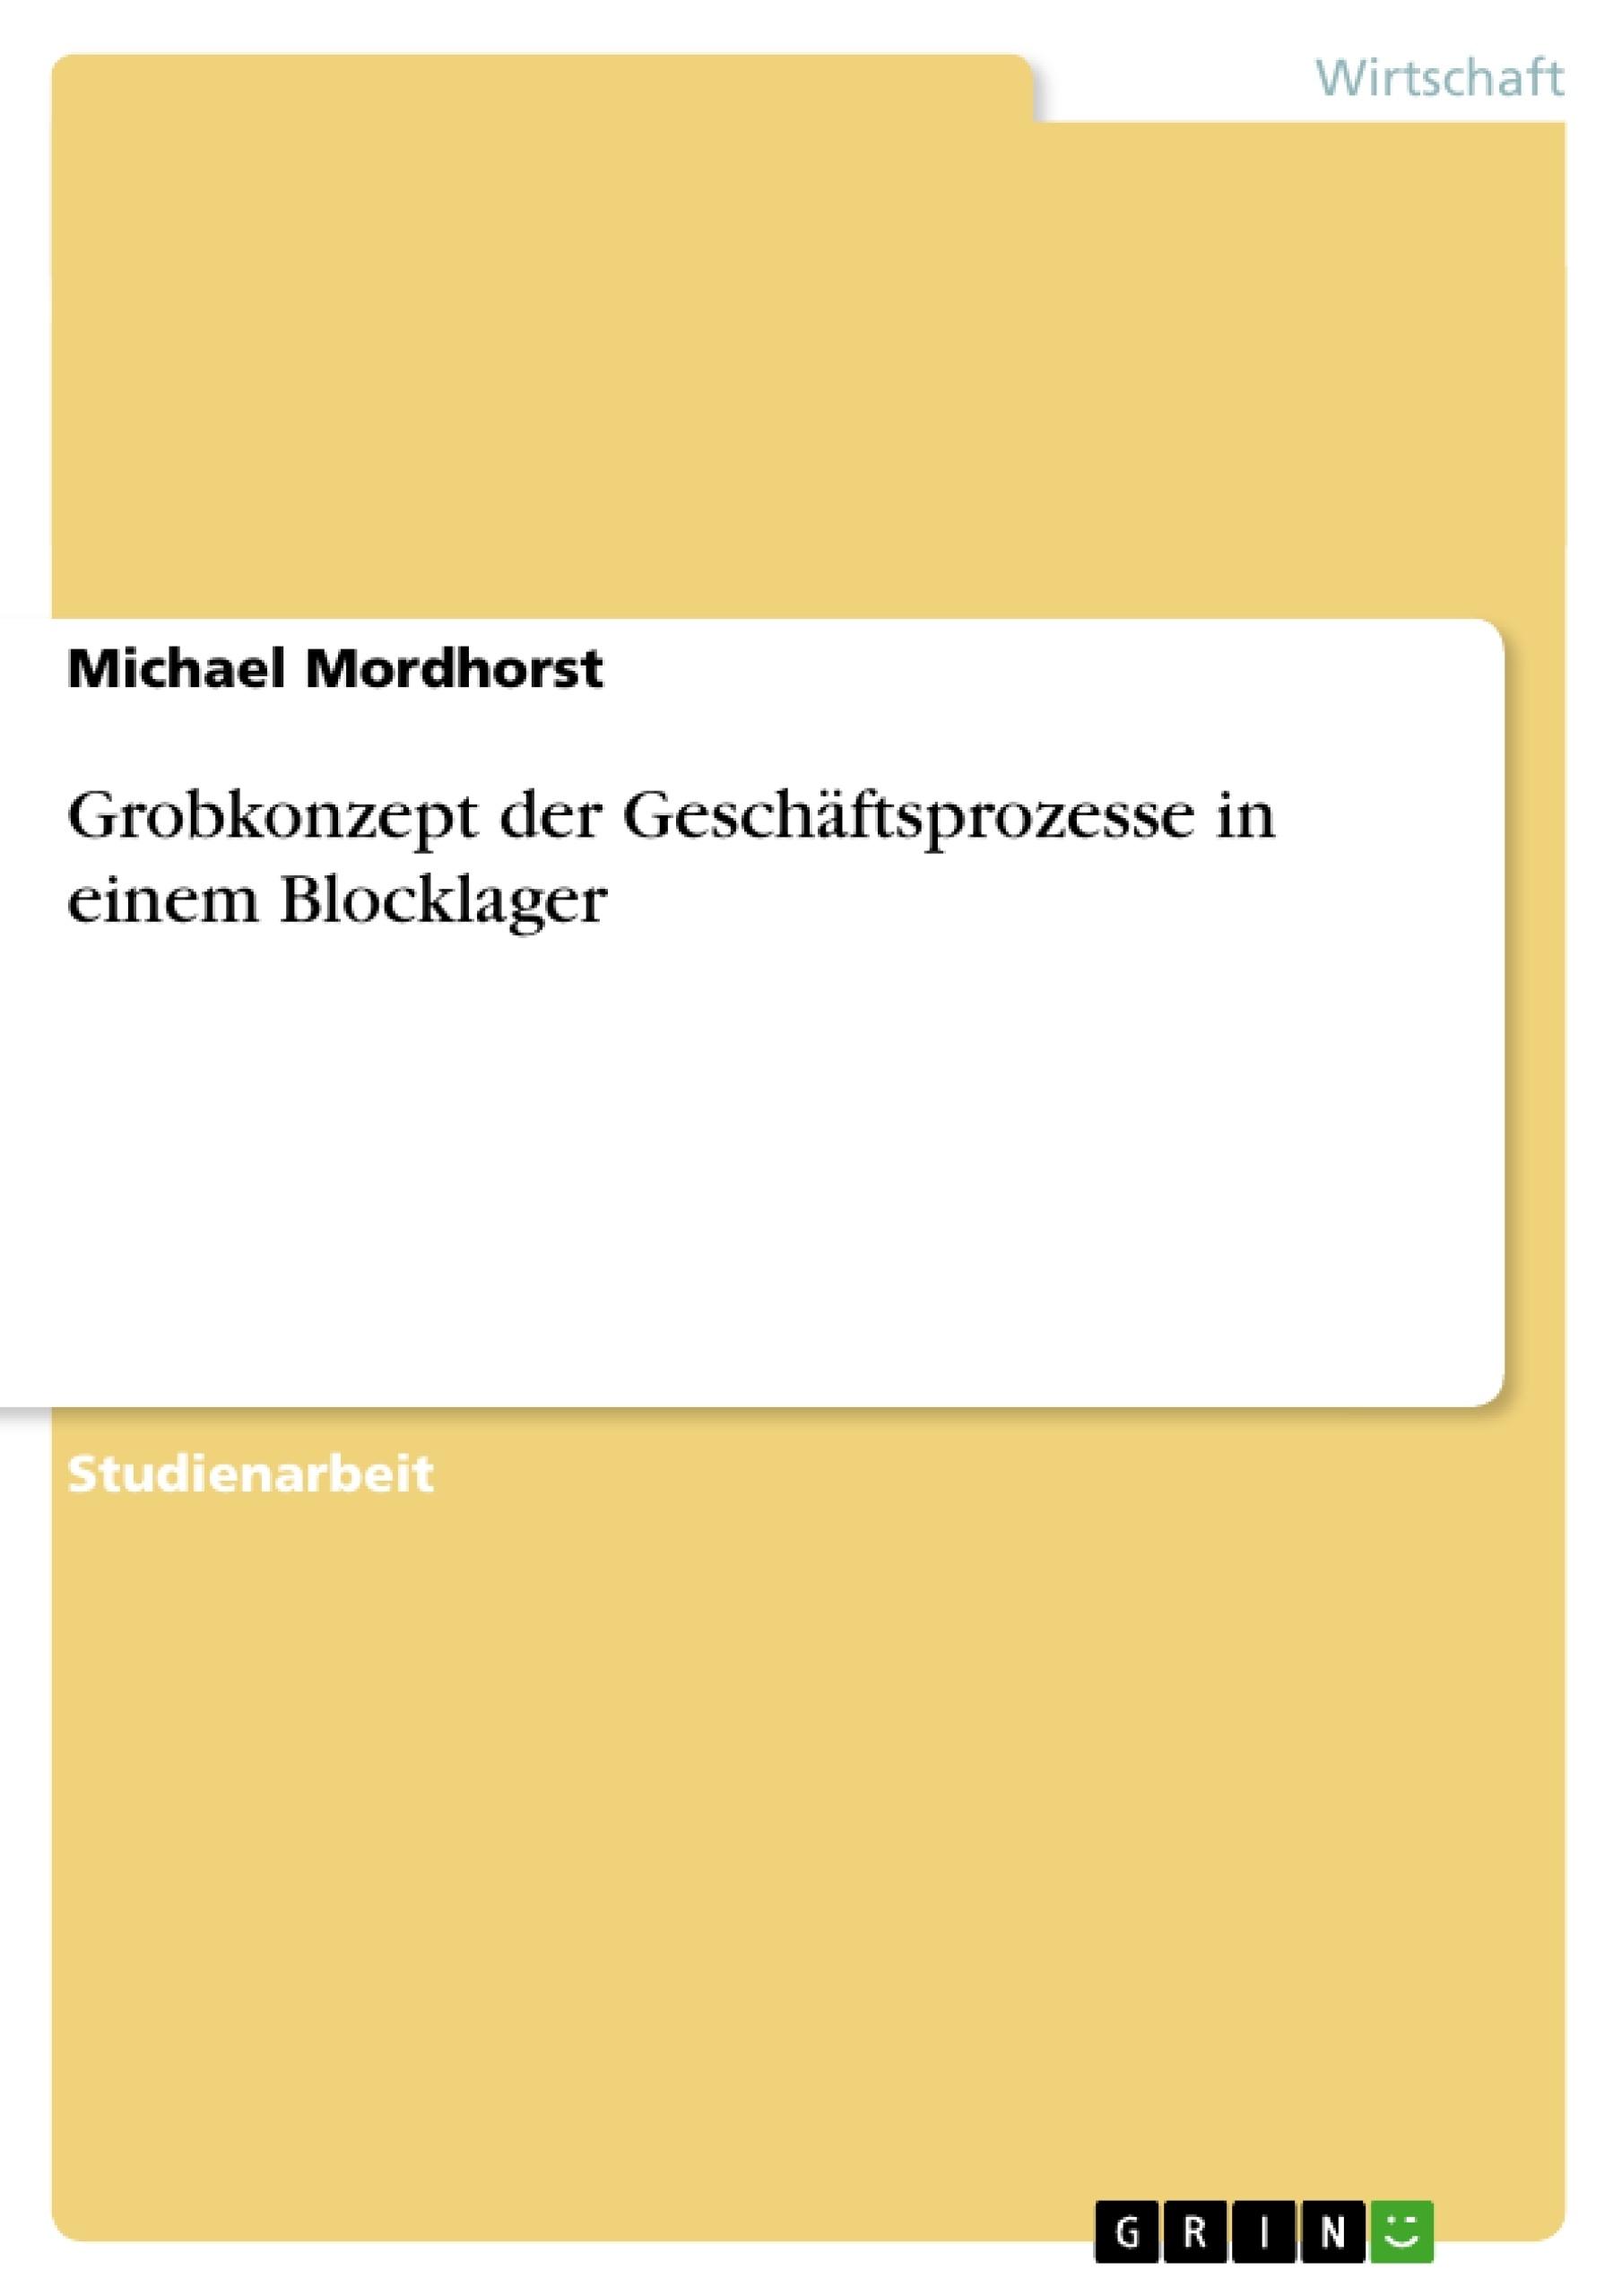 Titel: Grobkonzept der Geschäftsprozesse in einem Blocklager